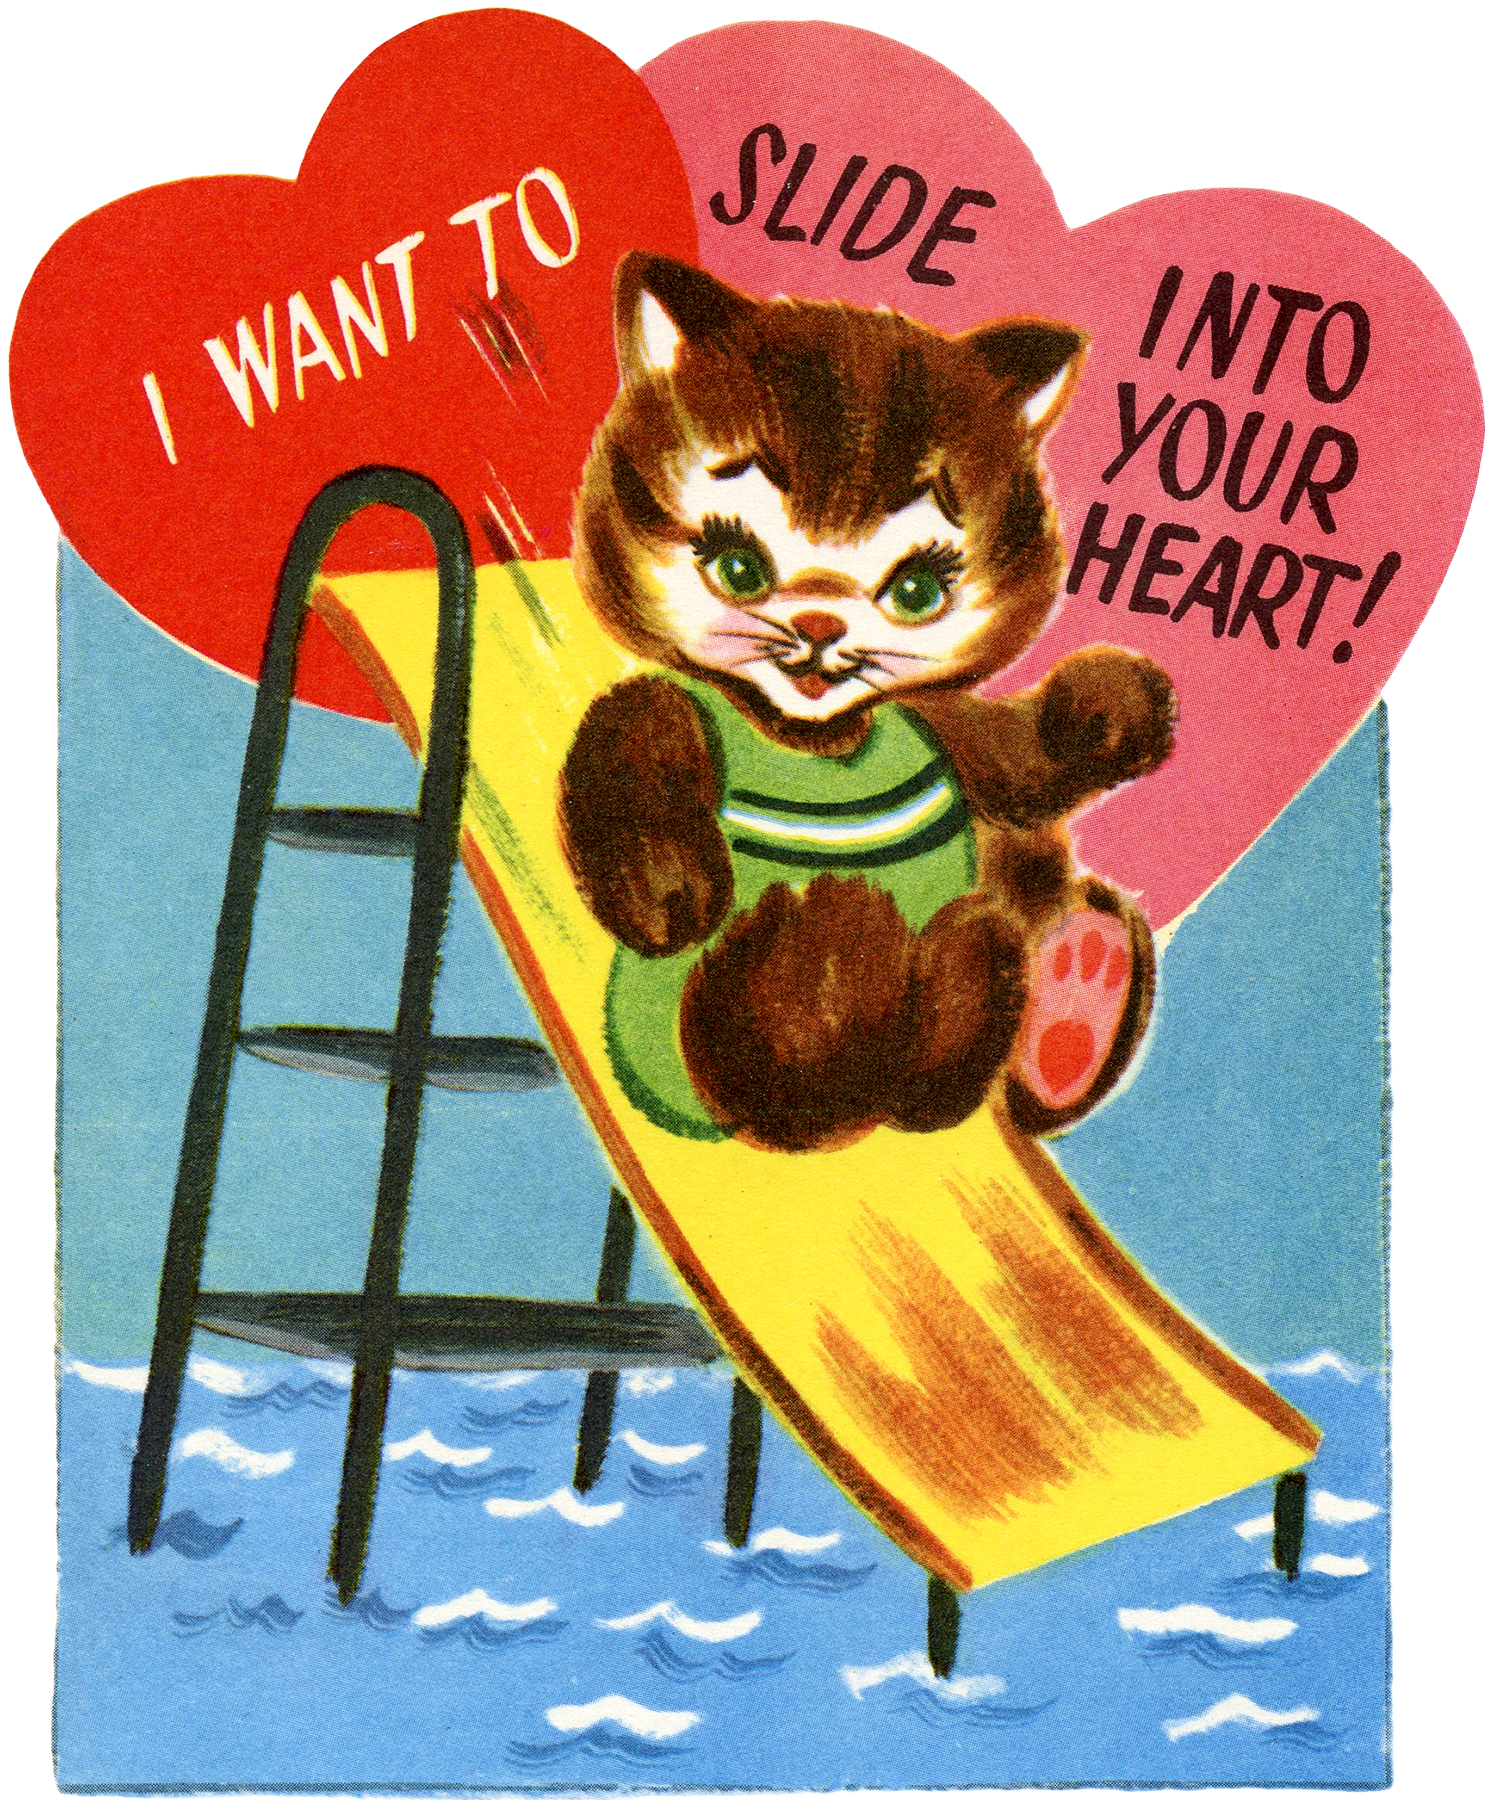 The Graphics Fairy har delt mange søte Valentinsbilder, og denne søte katten er en av våre favoritter.